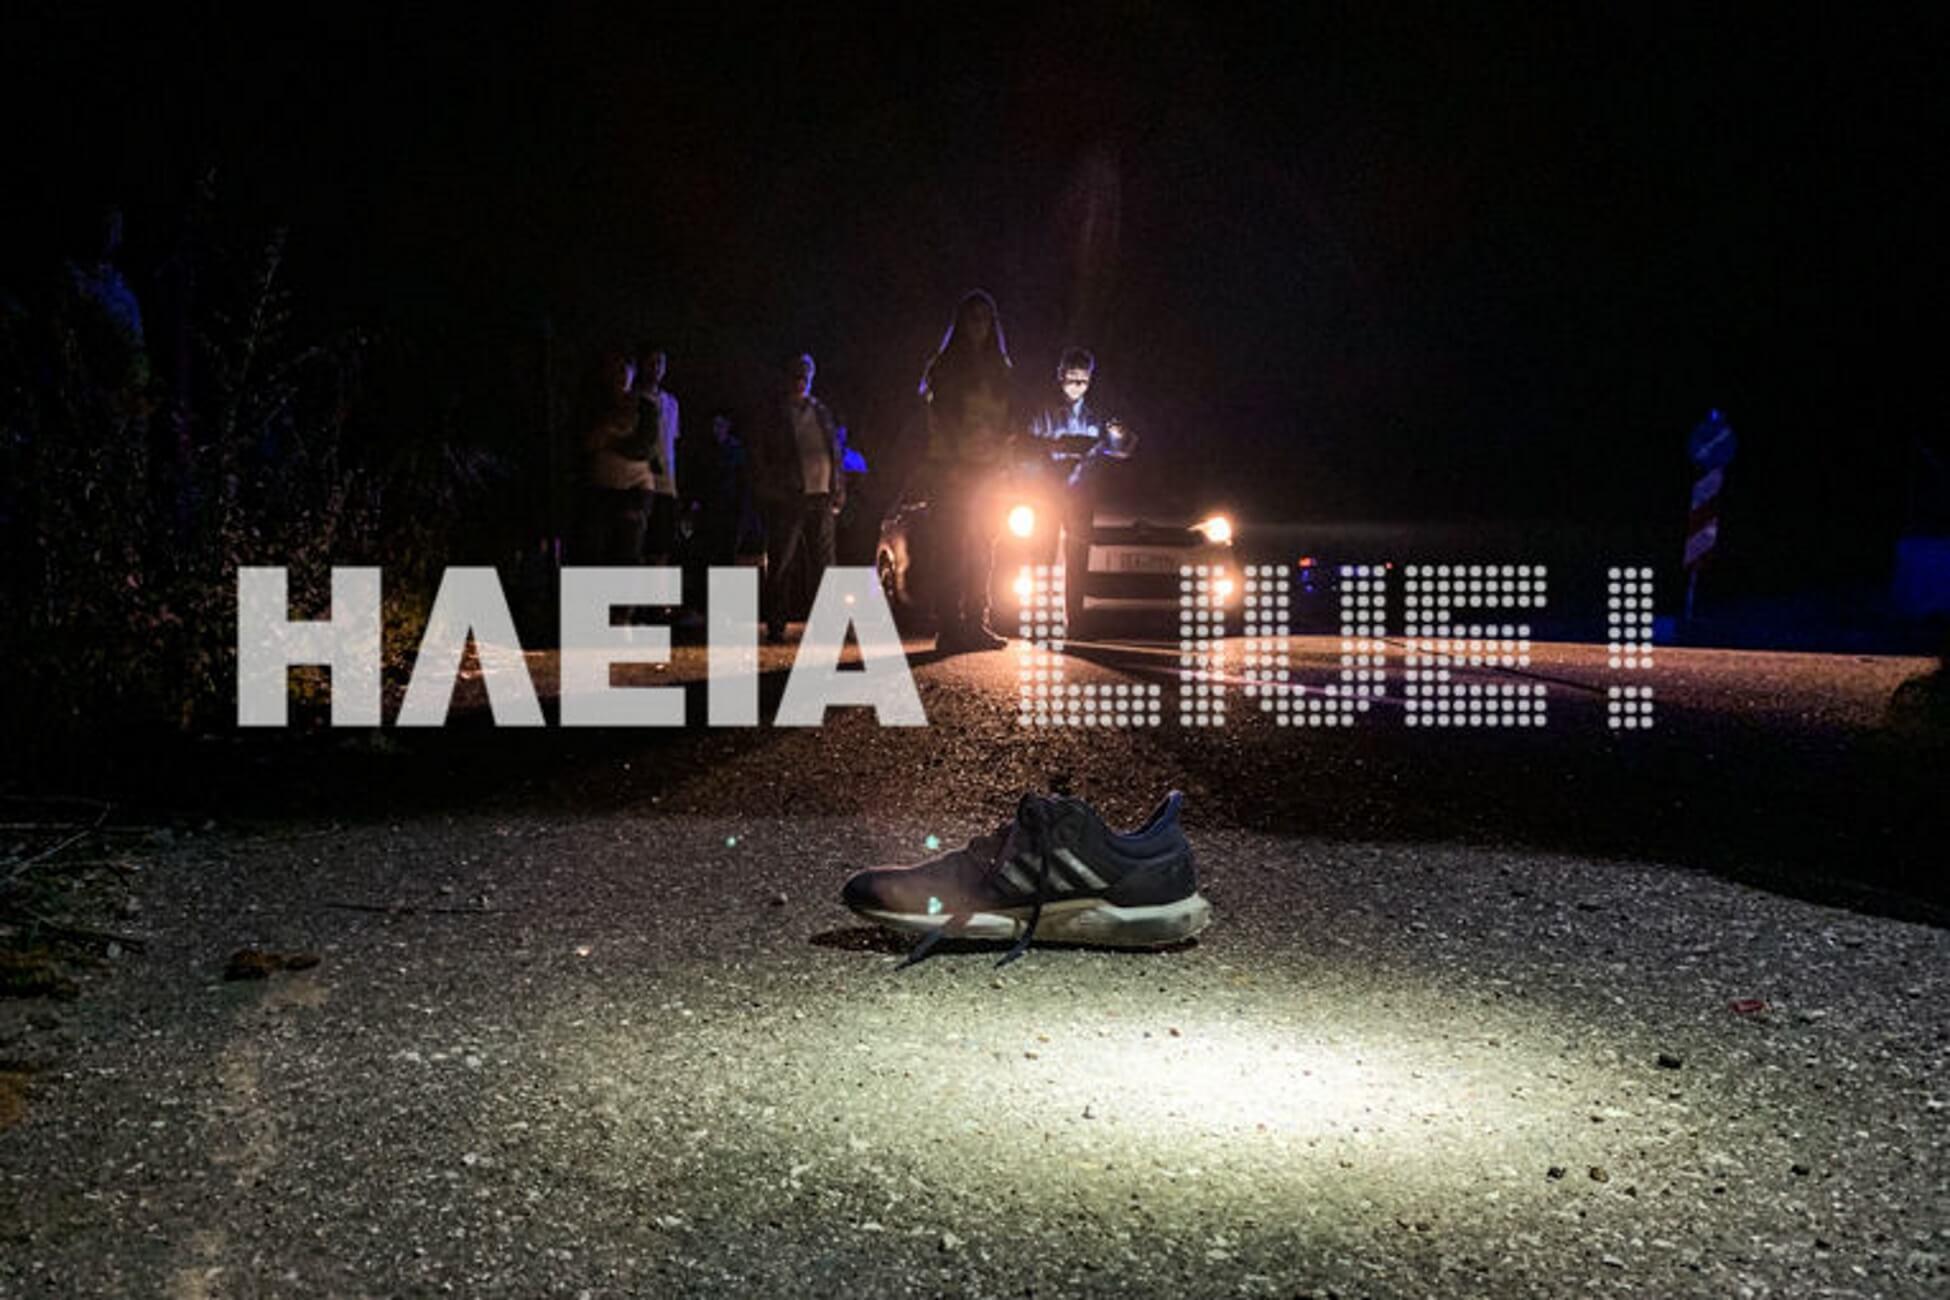 Ηλεία: Αυτοκίνητο σκότωσε 16χρονο ποδηλάτη – Κατέρρευσαν οι γονείς του άτυχου παιδιού [pics]